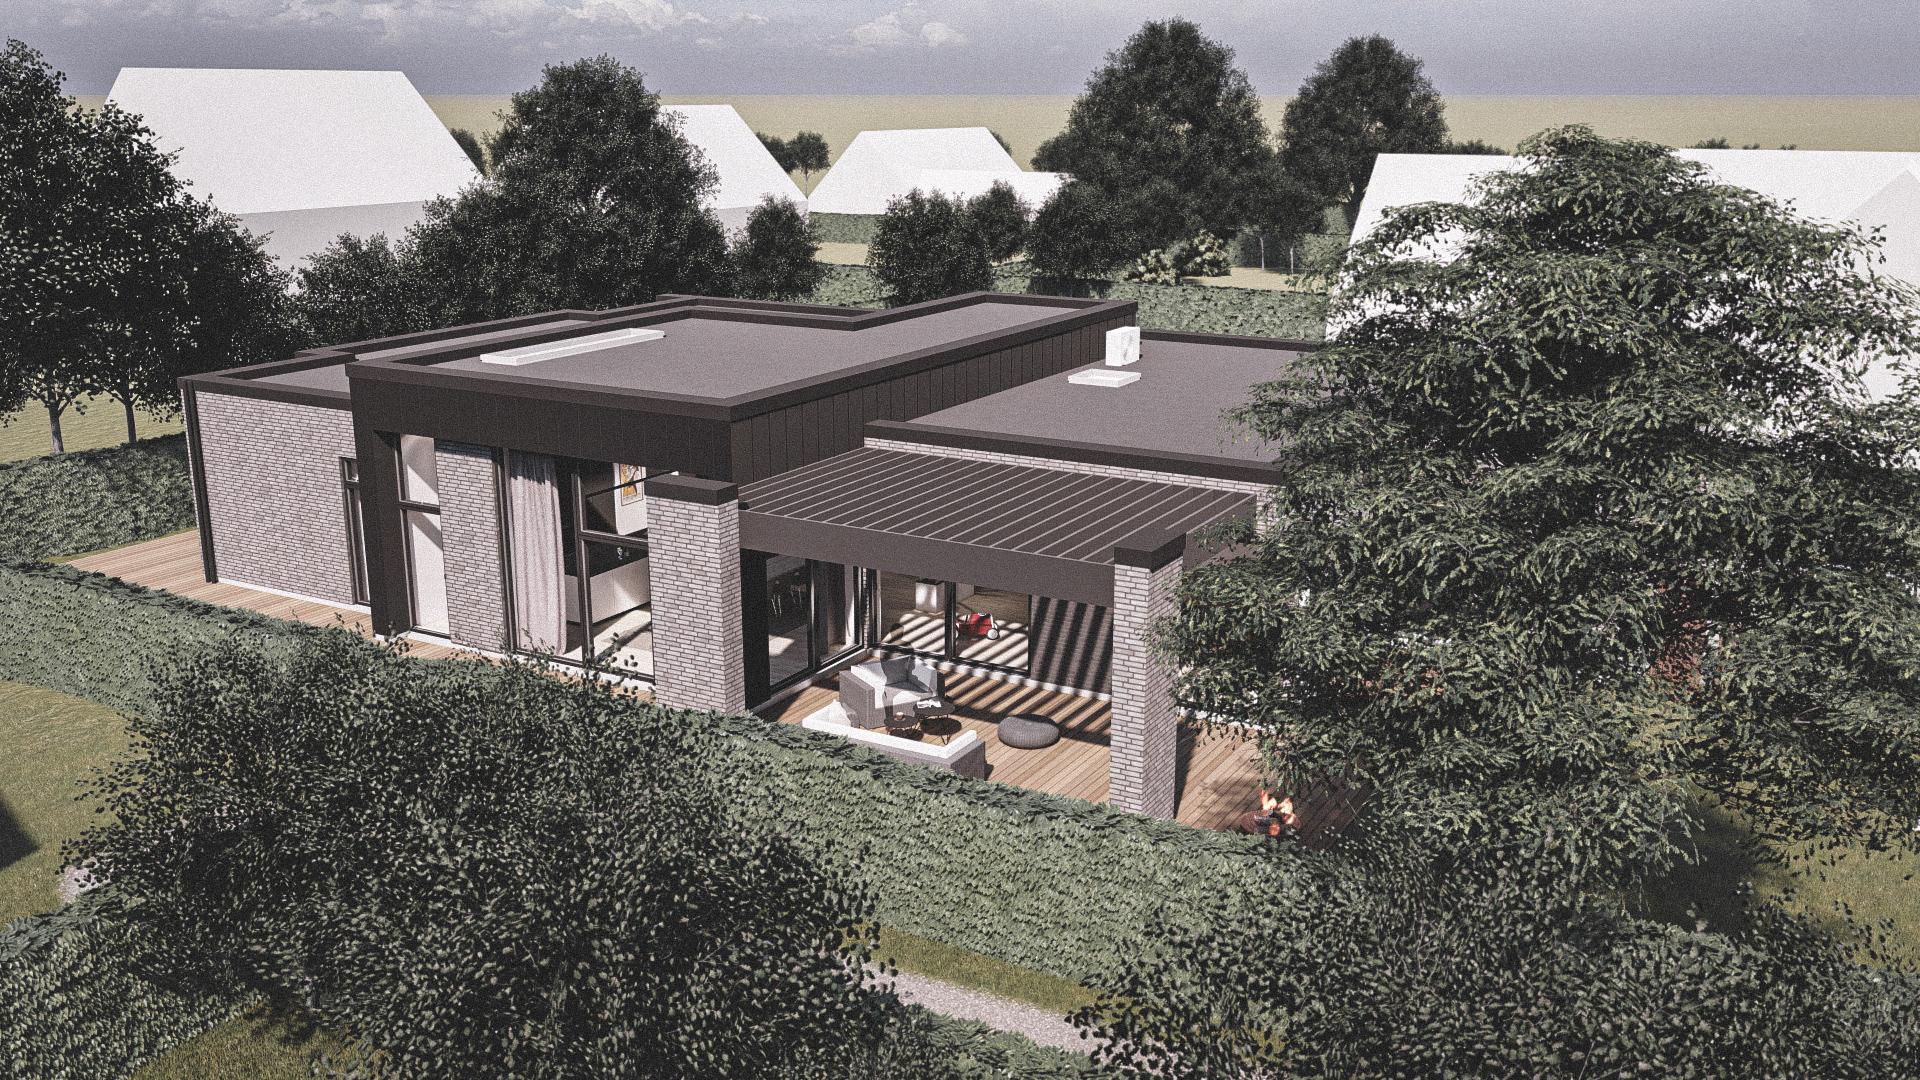 Billede af et arkitekt tegnet projektforslag af ny drømme villa i Greve, af det danske arkitektfirma m2plus